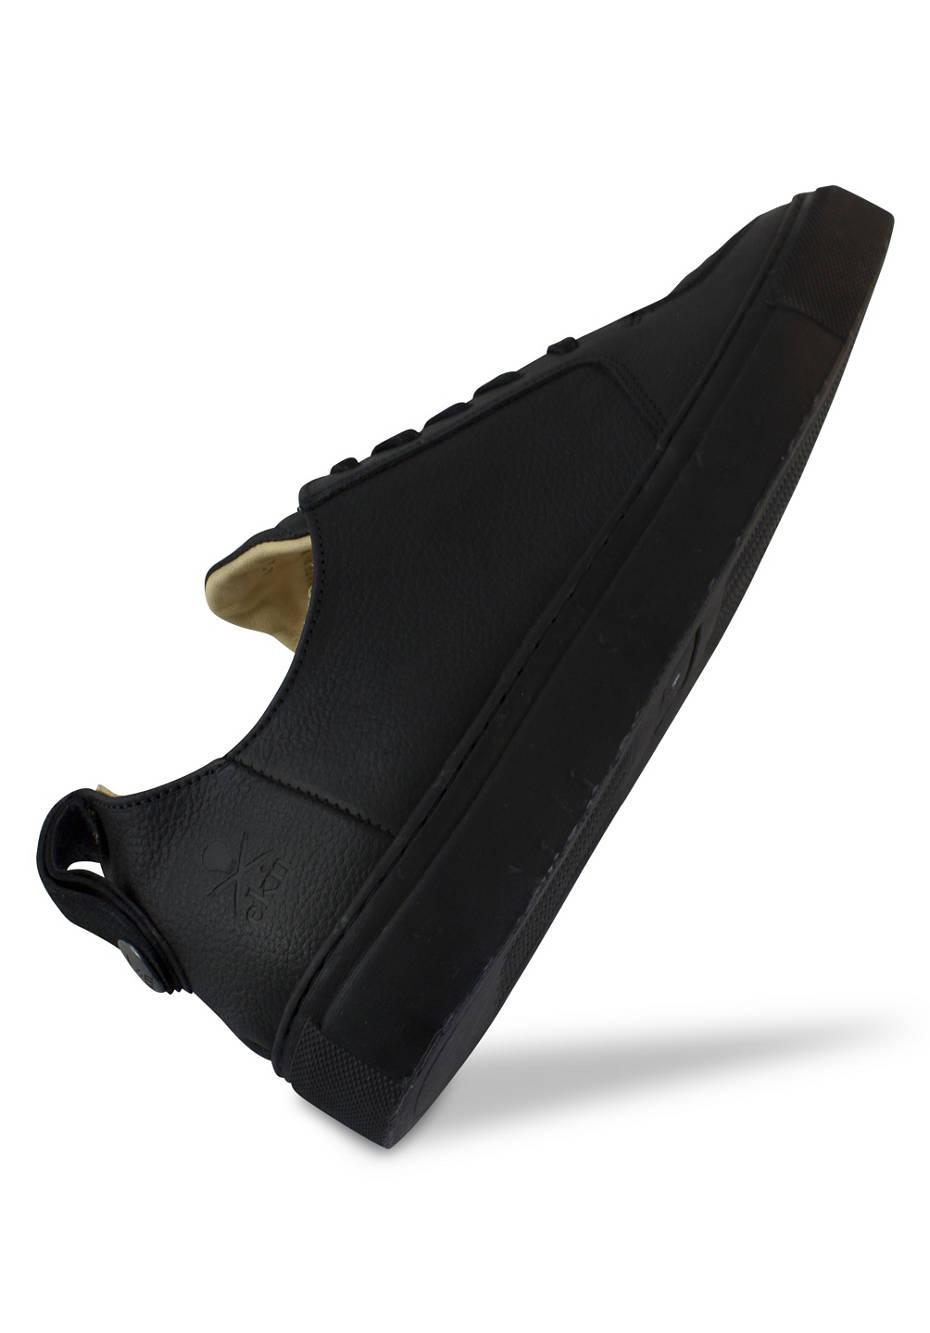 Argan Low / Black Leather Black Sole